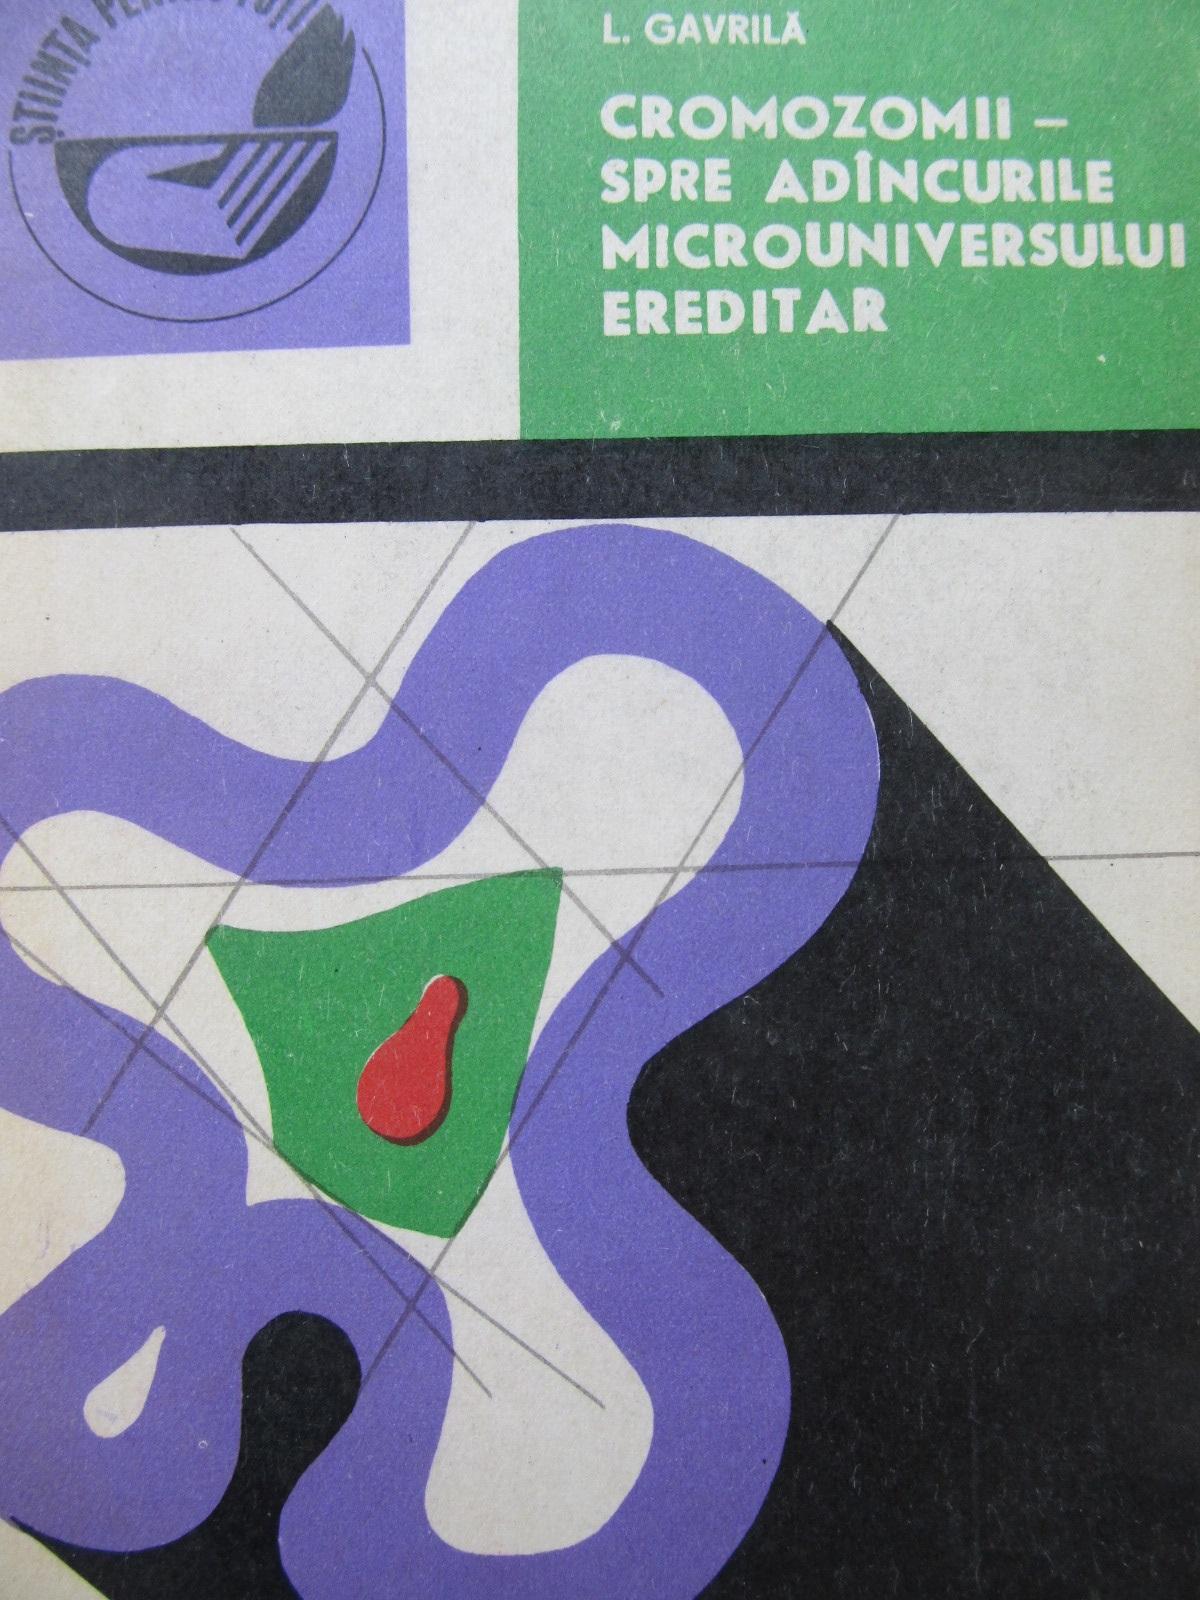 Cromozomii - spre adancurile microuniversului ereditar - L. Gavrila | Detalii carte